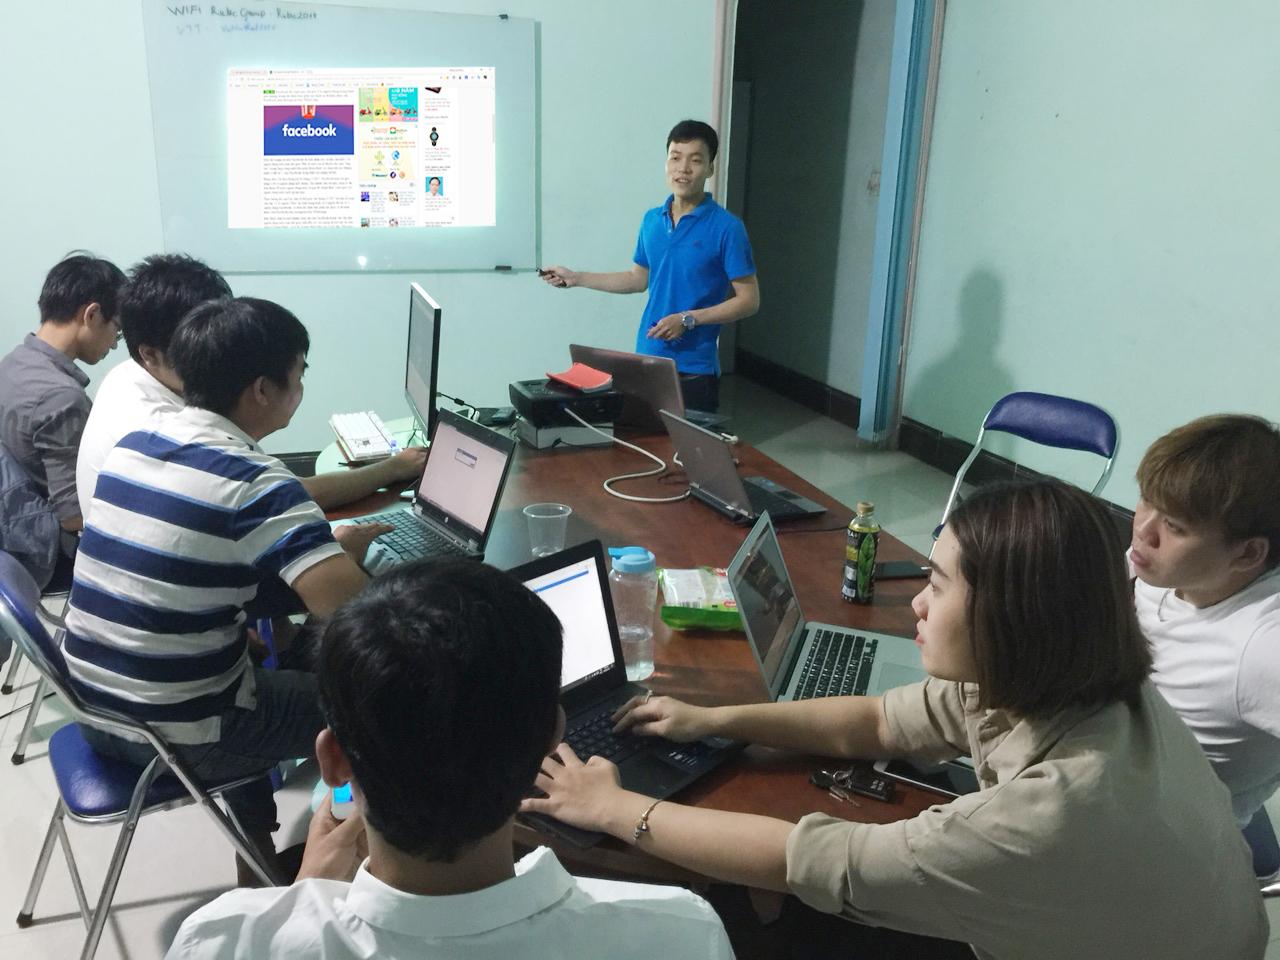 khóa học quảng cáo facebook tại biên hòa đồng nai